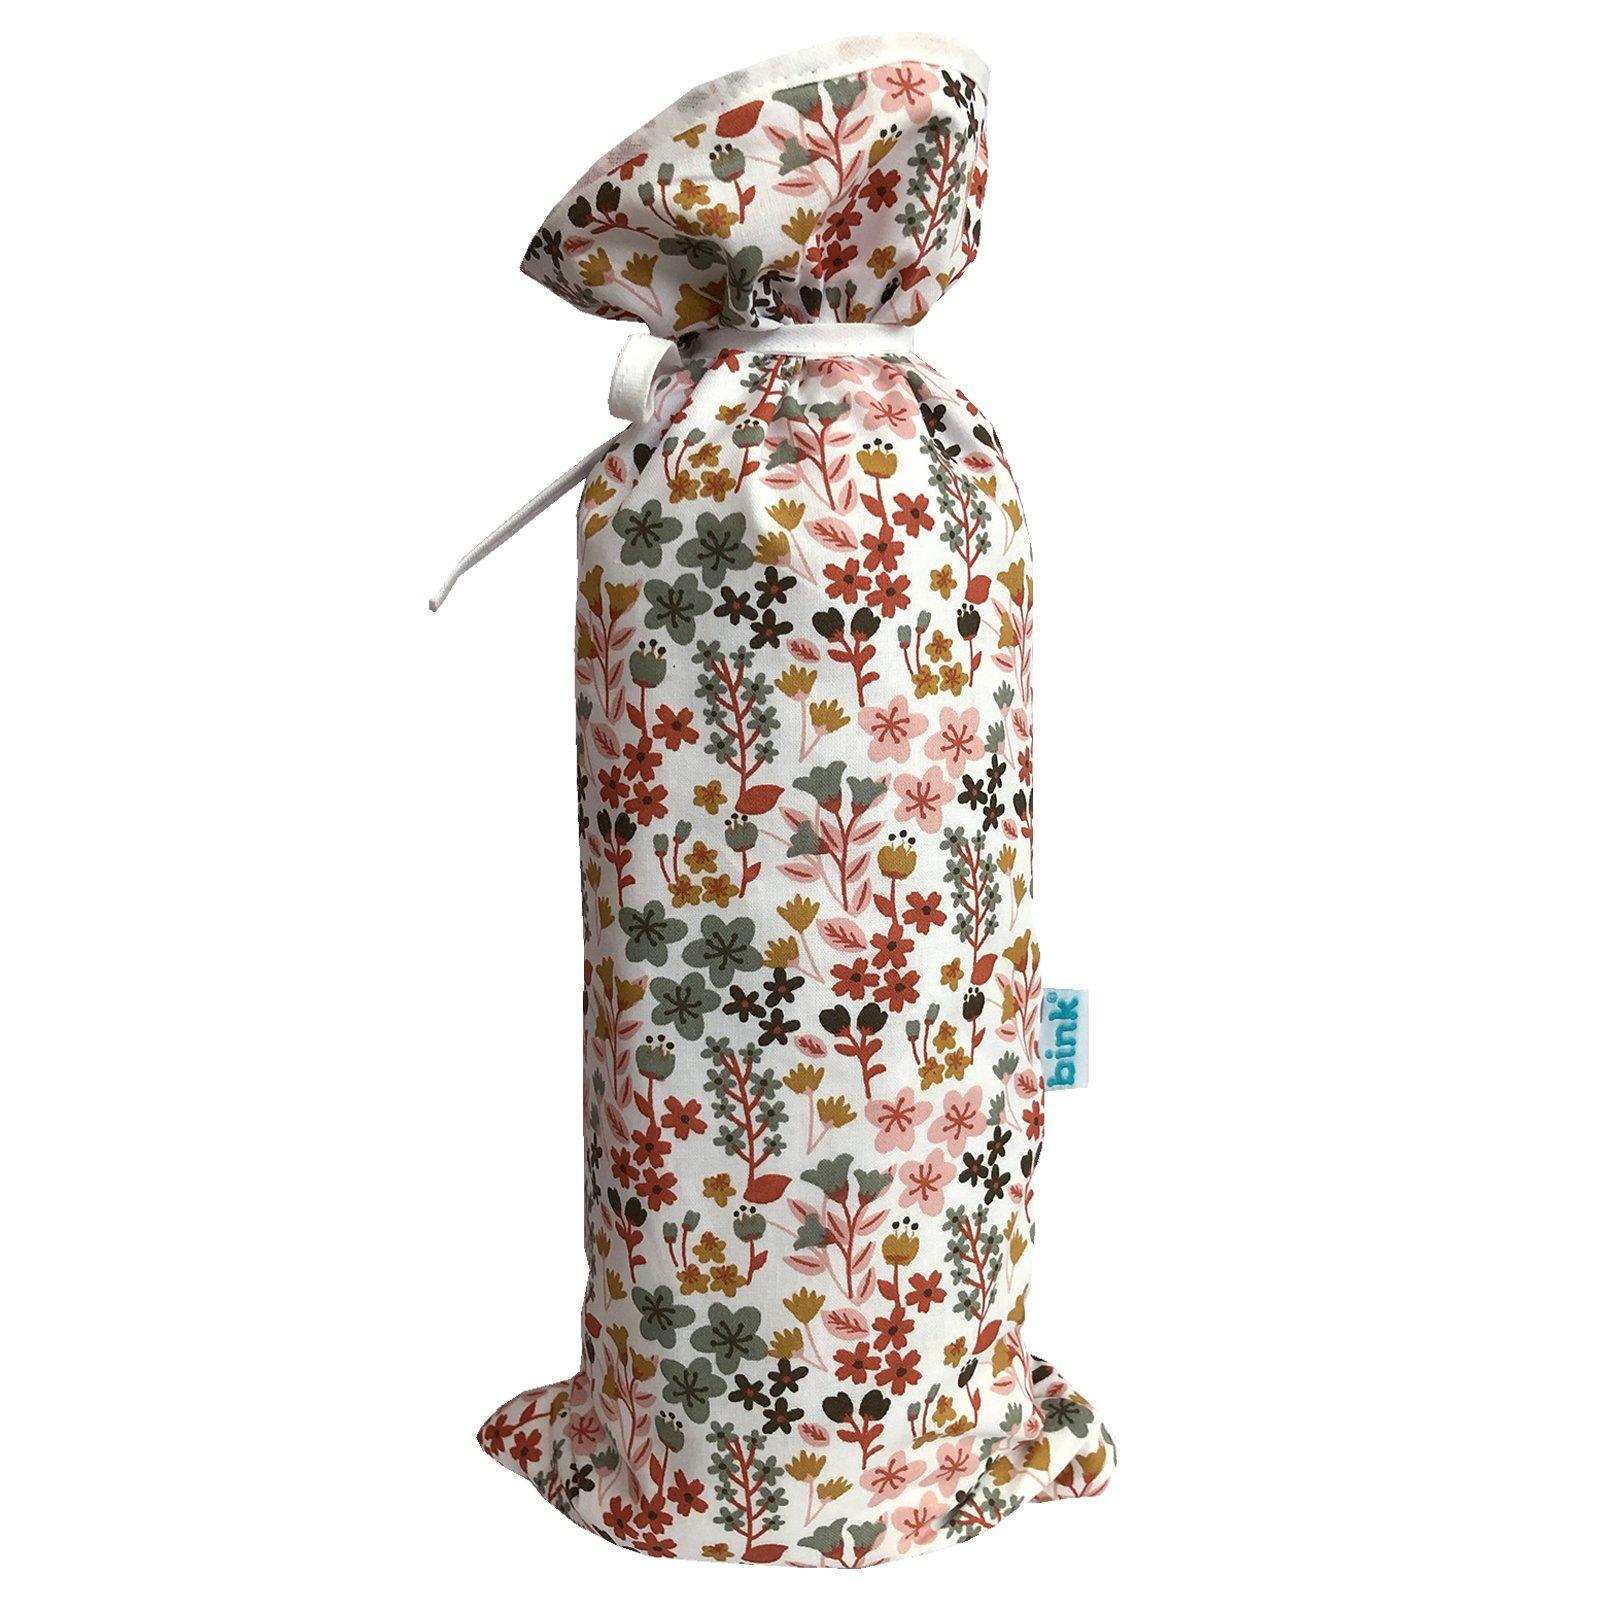 BINK Bedding kruikenzak Dees met een vrolijk gebloemde print in mooie warme kleuren zoals oudroze, oudgroen en okergeel op een frisse witte ondergrond.